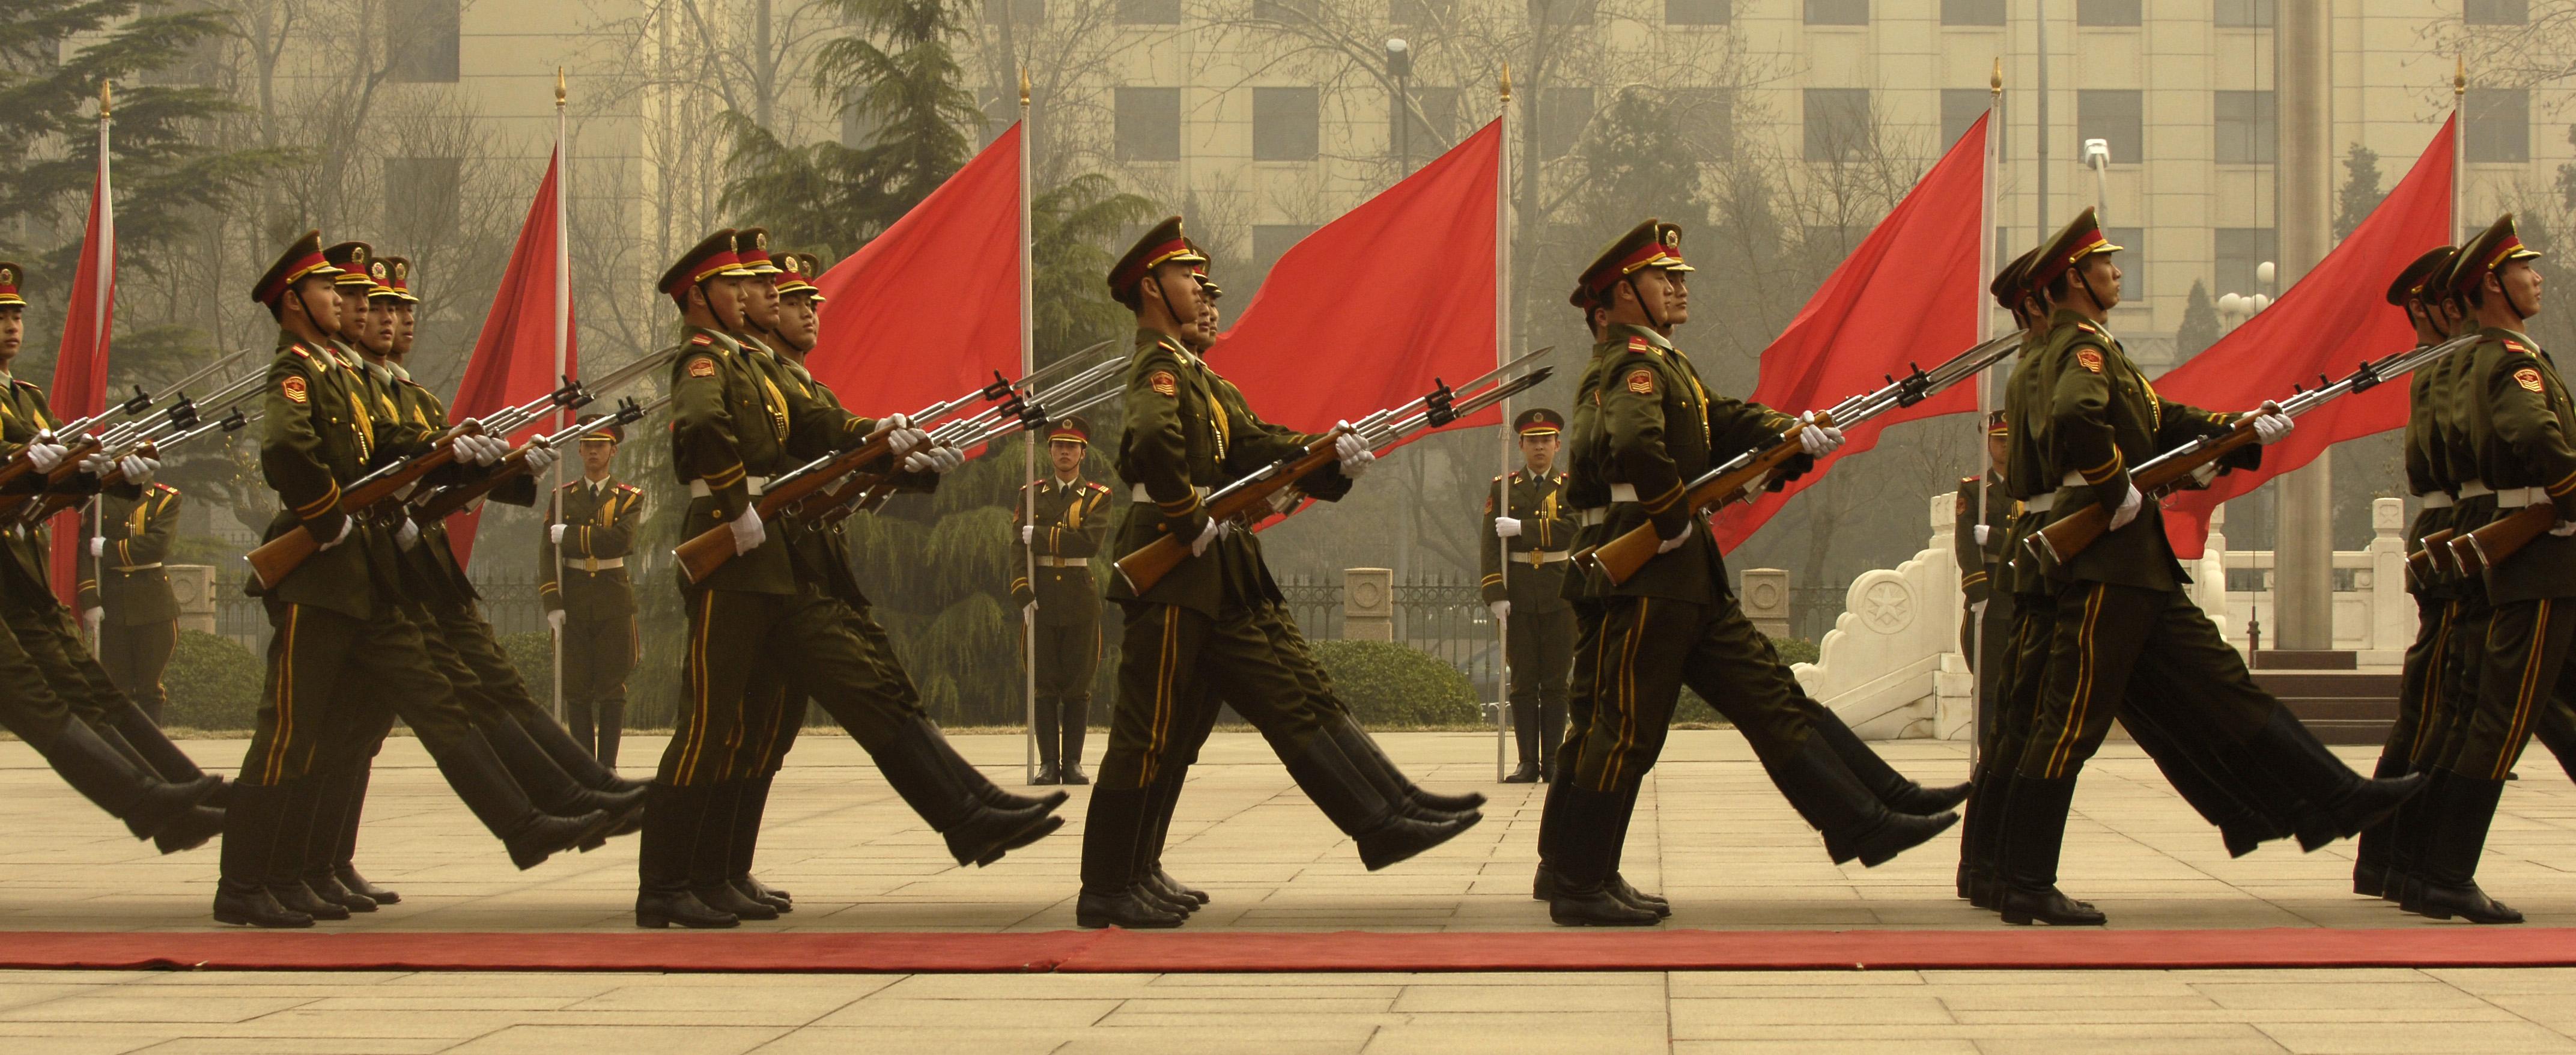 China: Harmony vs. Power